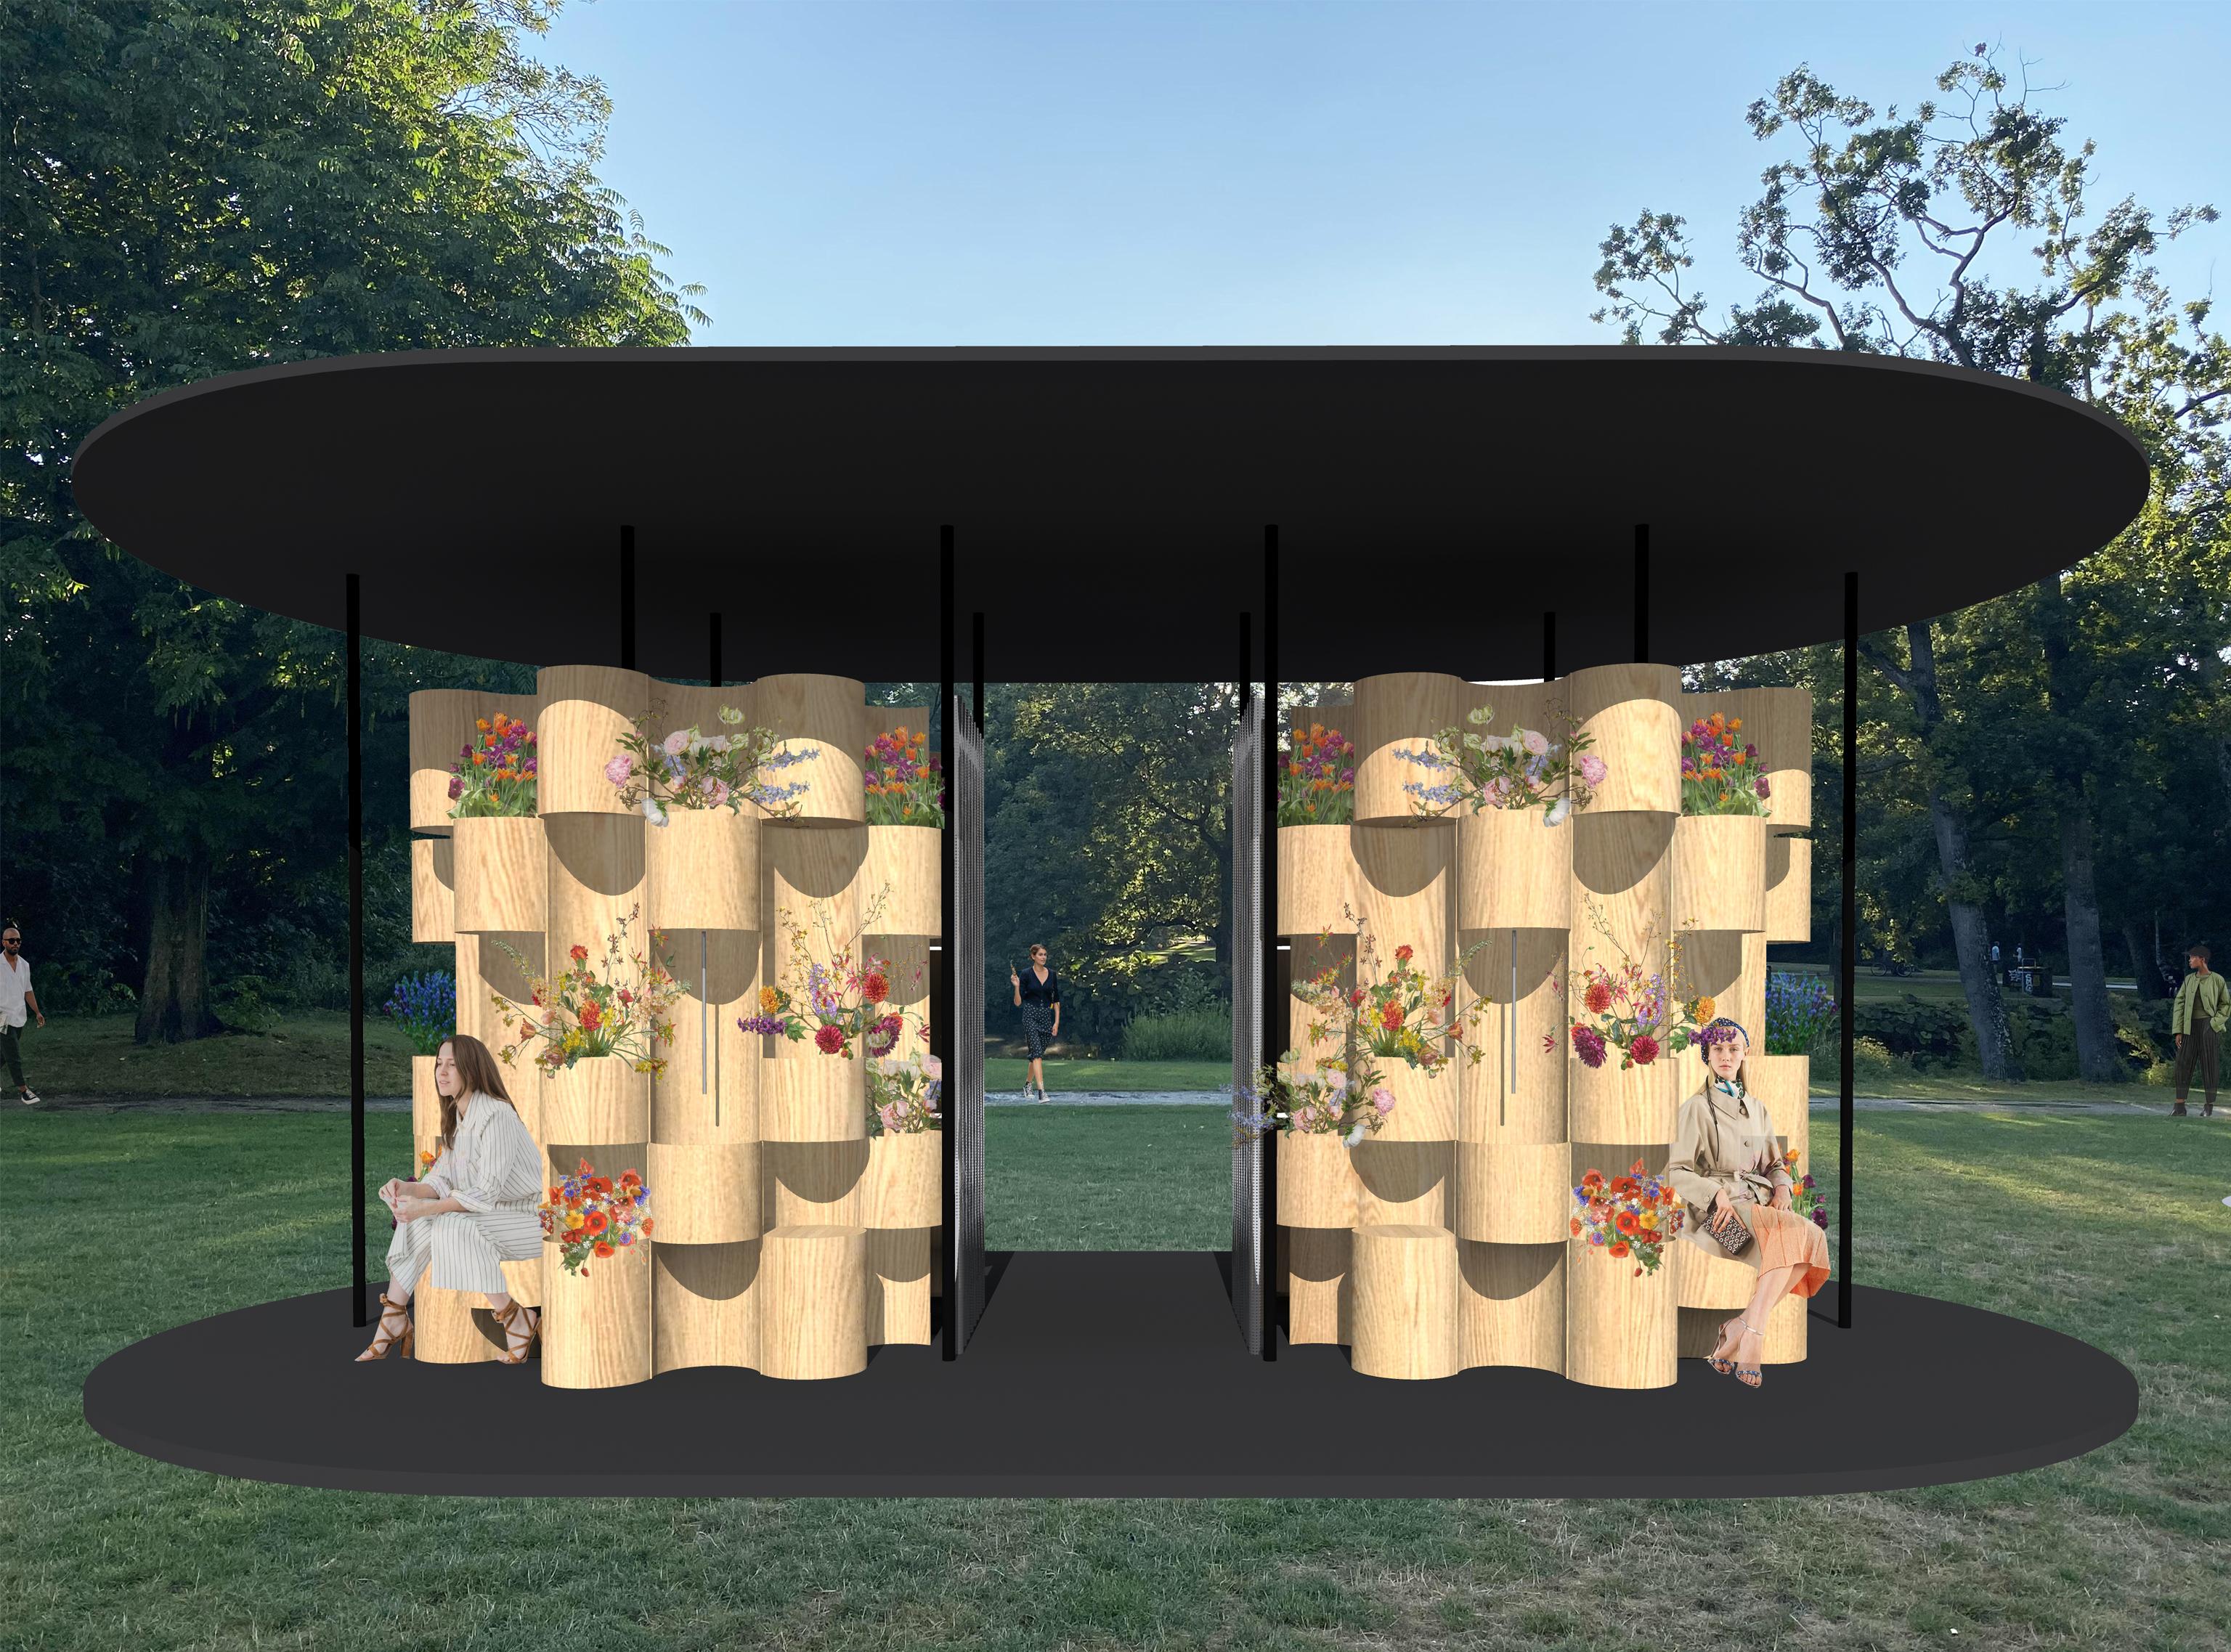 Public Toilets in Amsterdam zU-studio architecture Visual 01